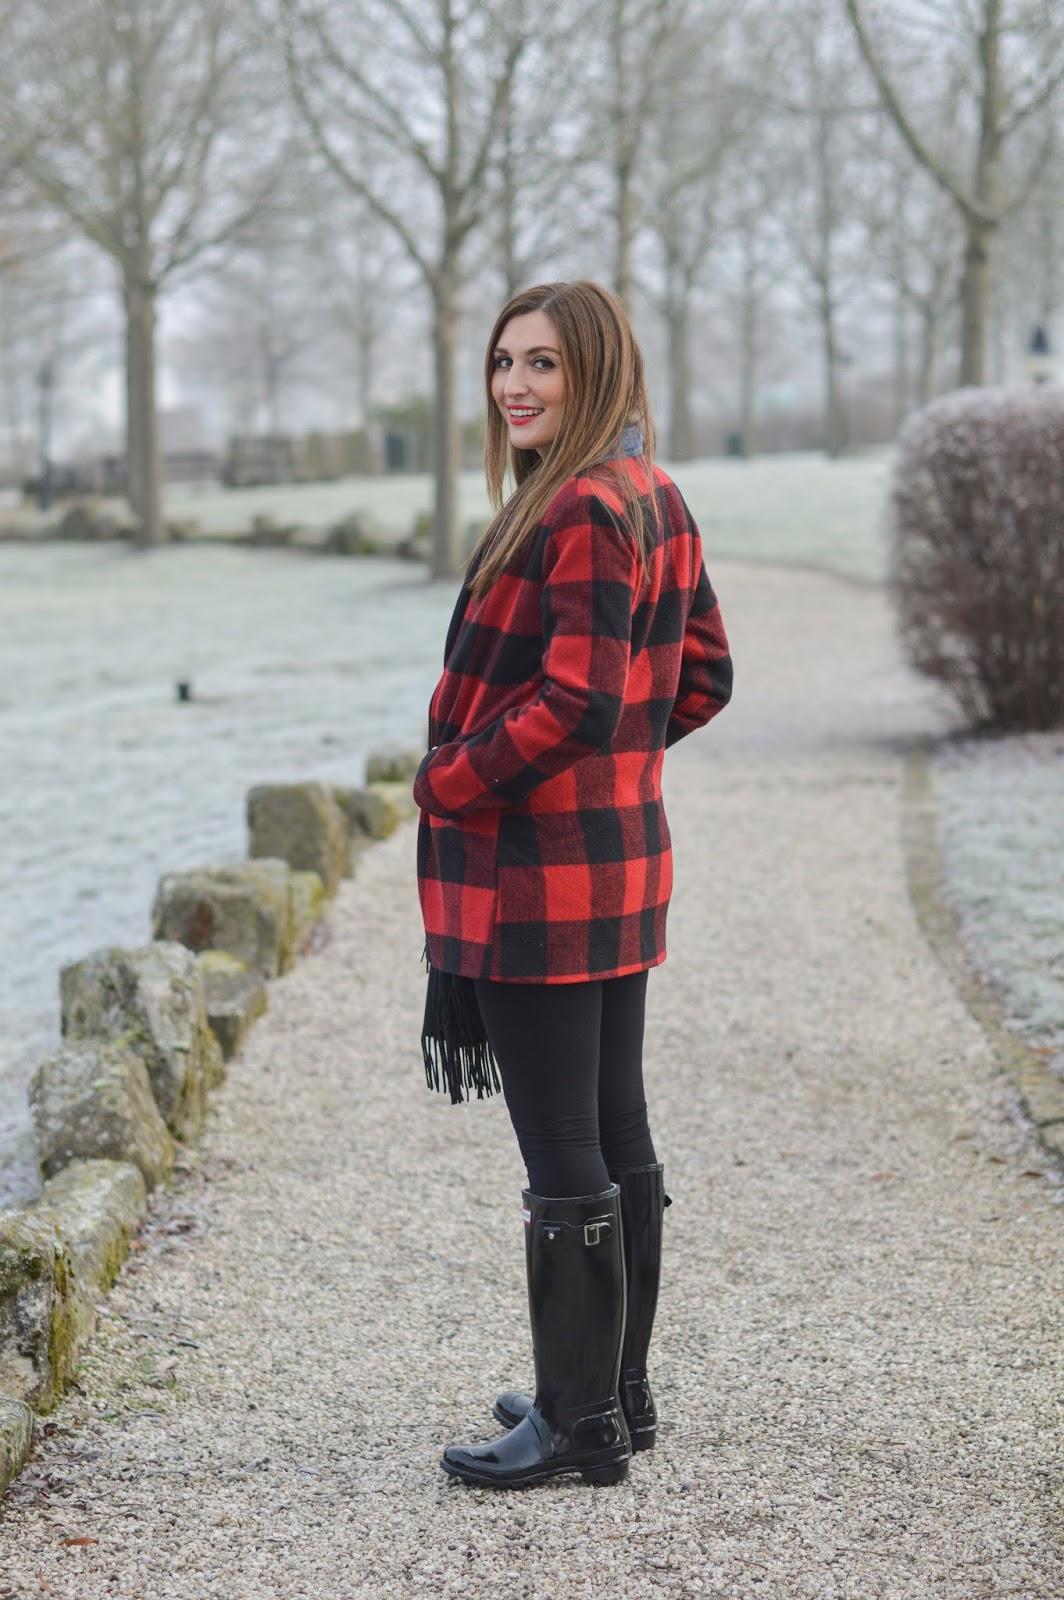 Fashionstylebyjohanna - Fashionblogger mit schwarzen Hunter Boots - Hunter Gummiestiefel - Münchner Modeblogger - Fashionblogger aus Frankfurt - Fashionblogger aus Deutschland